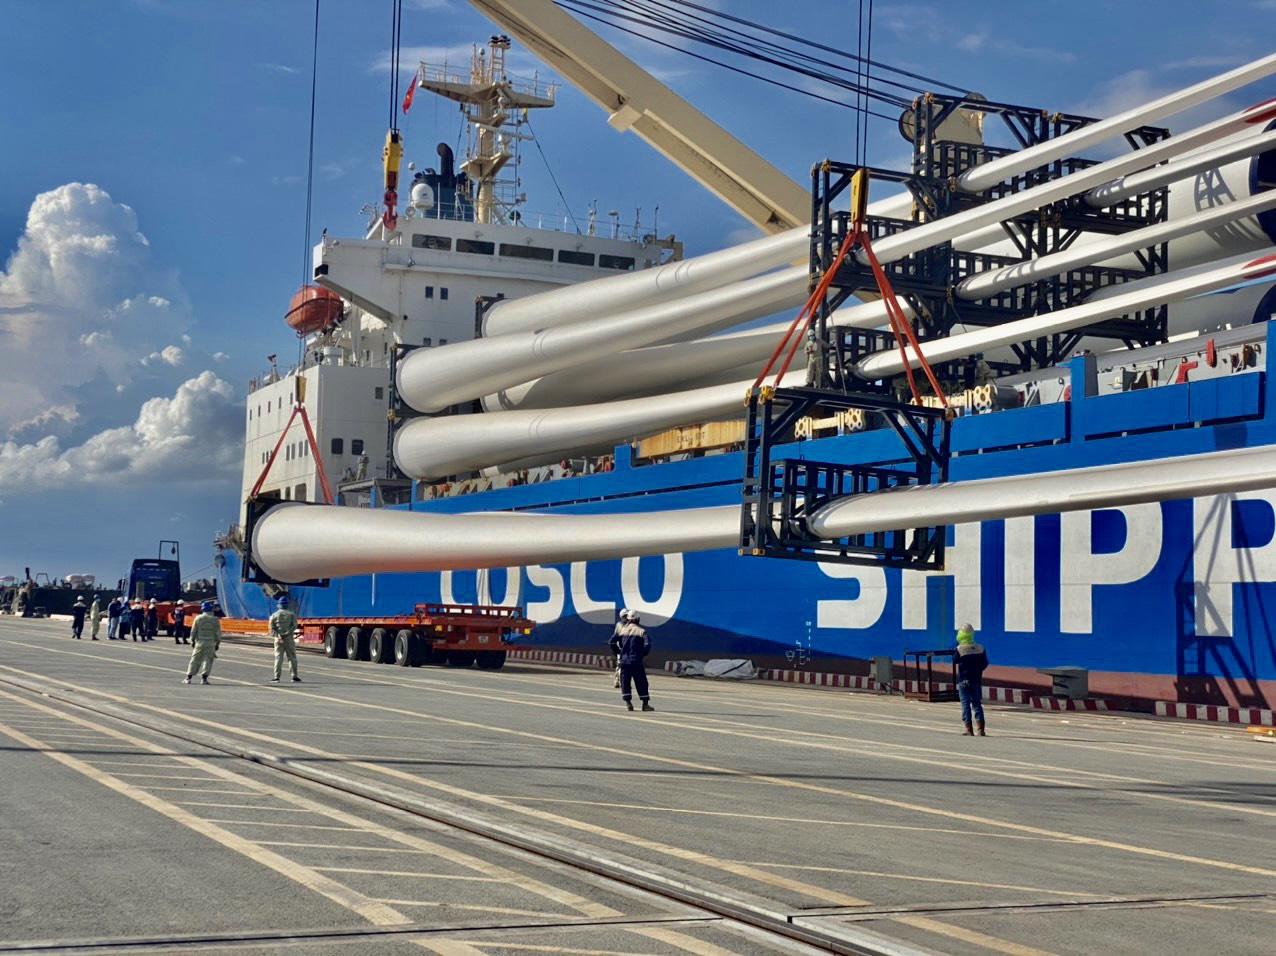 Nhà máy điện gió Kosy Bạc Liêu: Tăng tốc về đích, đảm bảo phòng chống dịch Covid-19 - Ảnh 4.